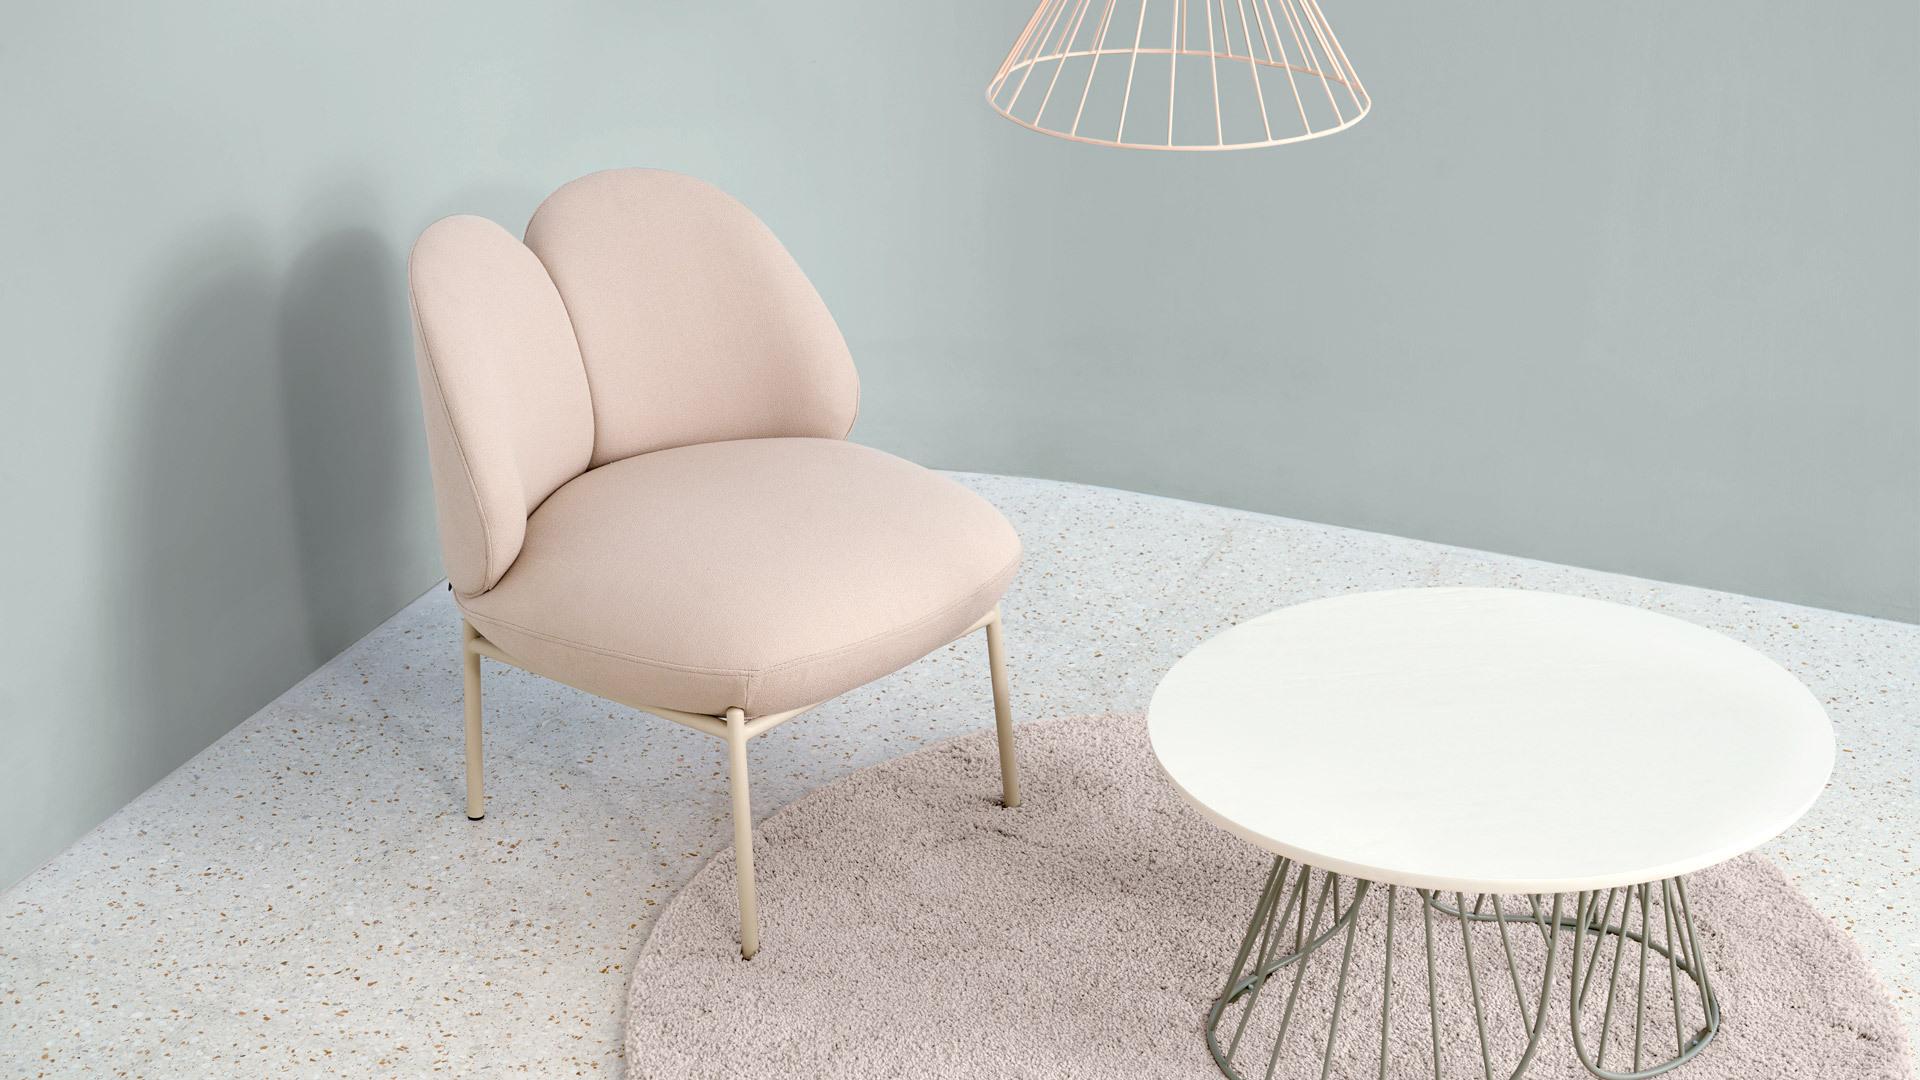 温暖羊毛粉呢,优雅时装的家具演绎